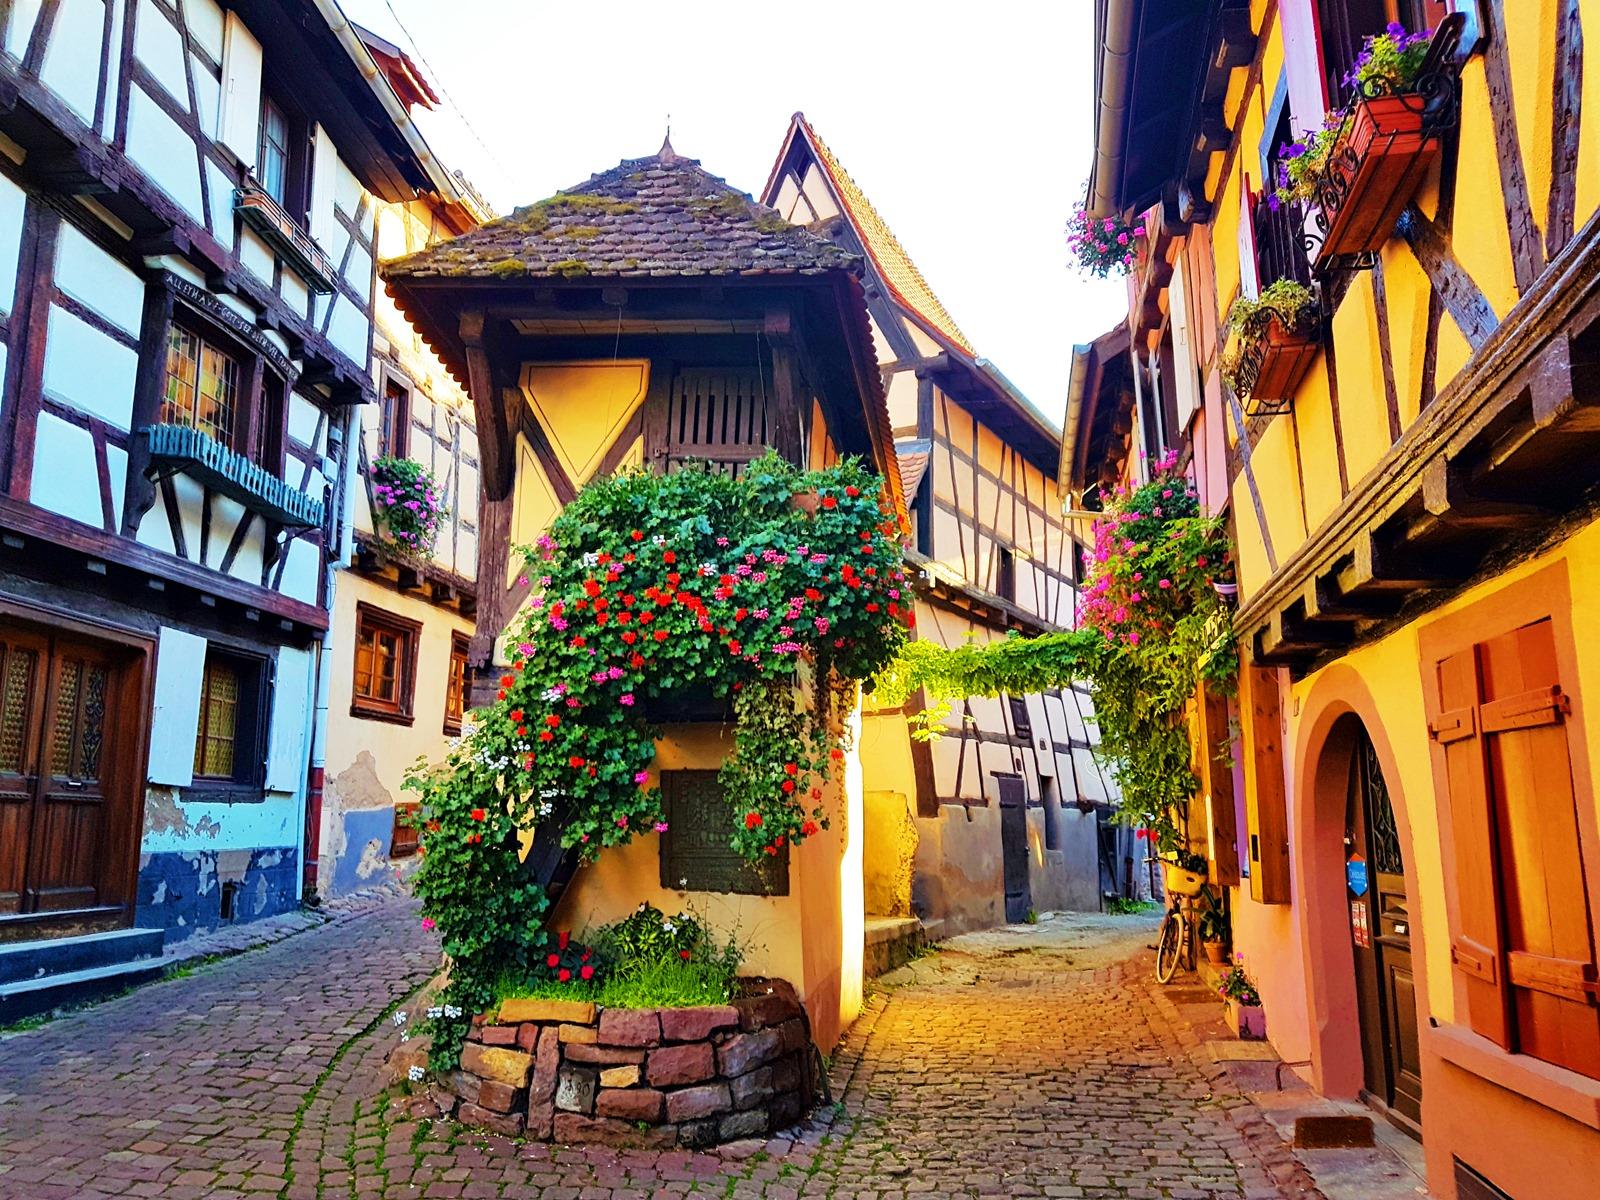 Eguisheim The Gingerbread Village